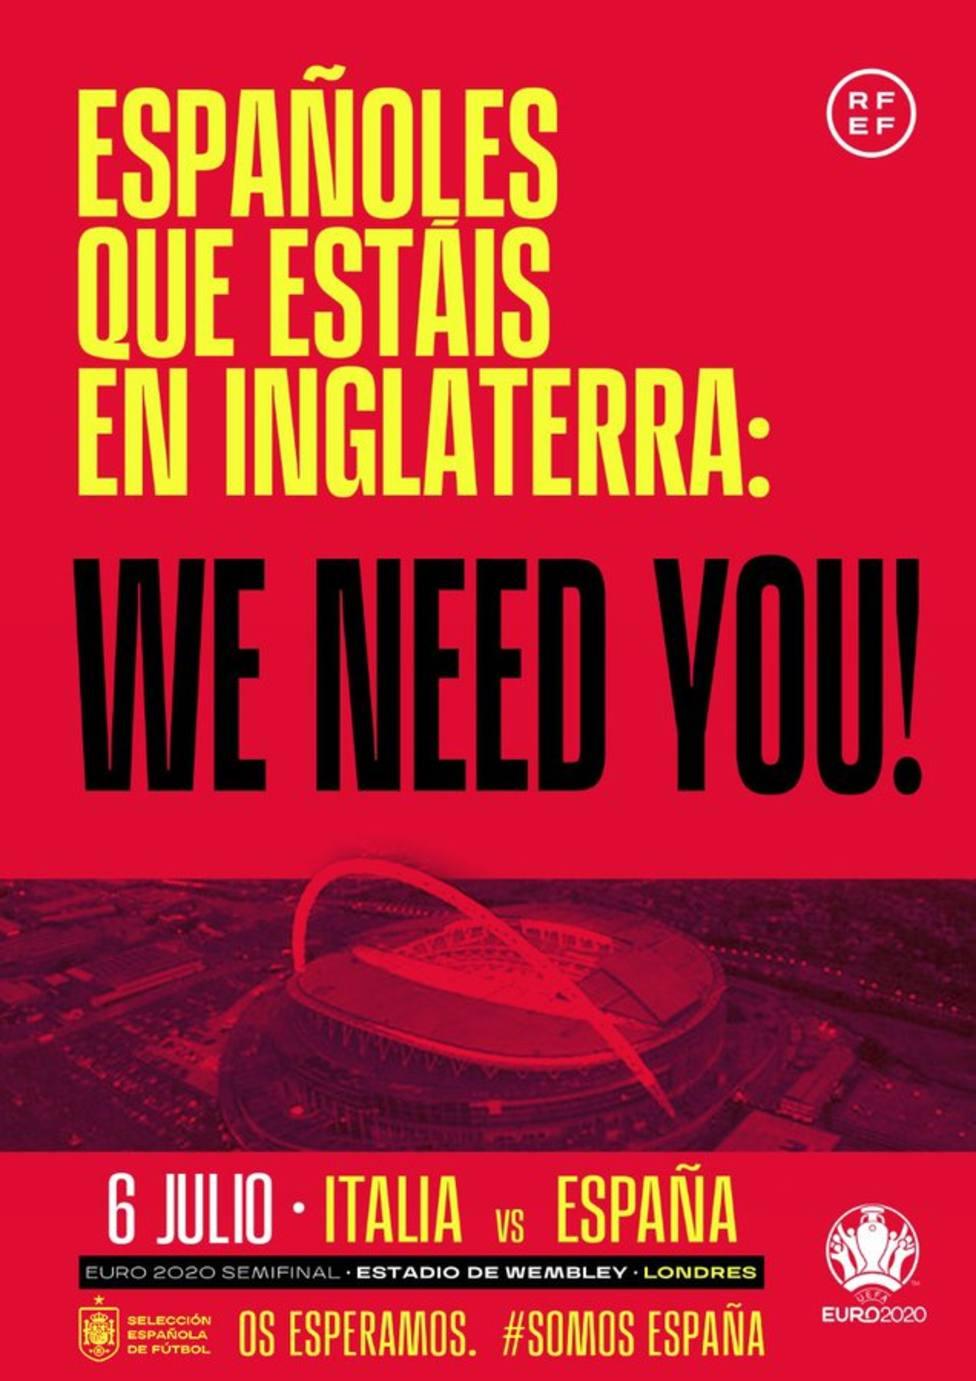 La RFEF pide a aficionados españoles en Inglaterra que acudan a Wembley